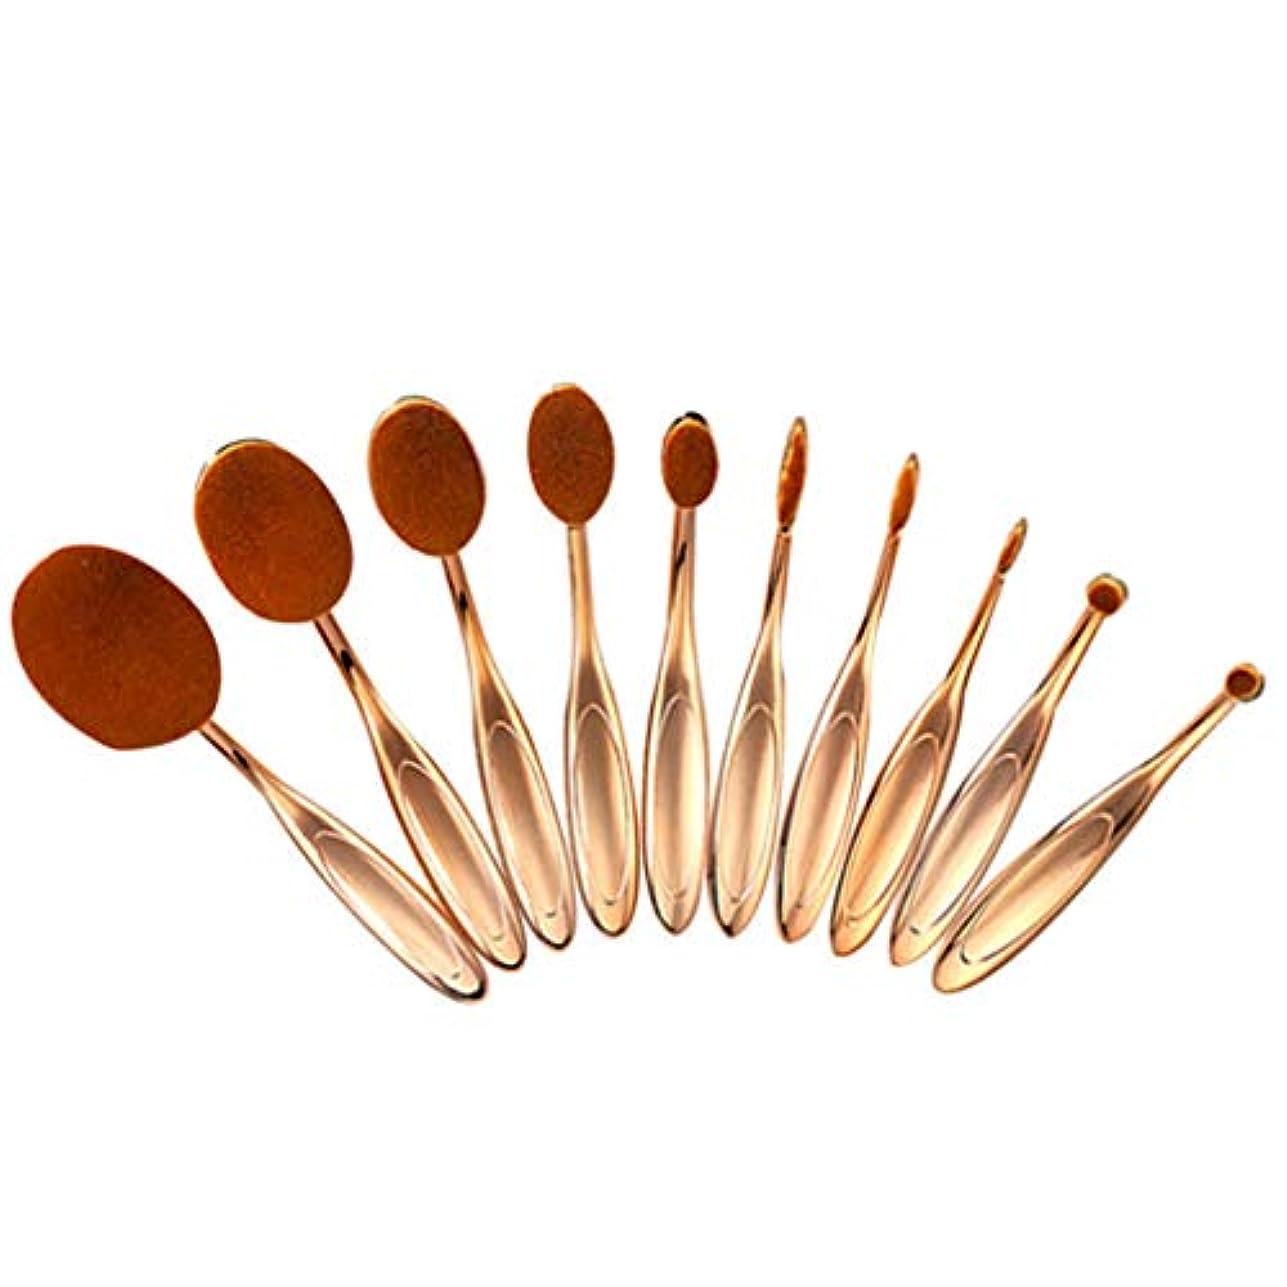 強い識別するはず10化粧ブラシ化粧ブラシ化粧キット歯ブラシタイプ